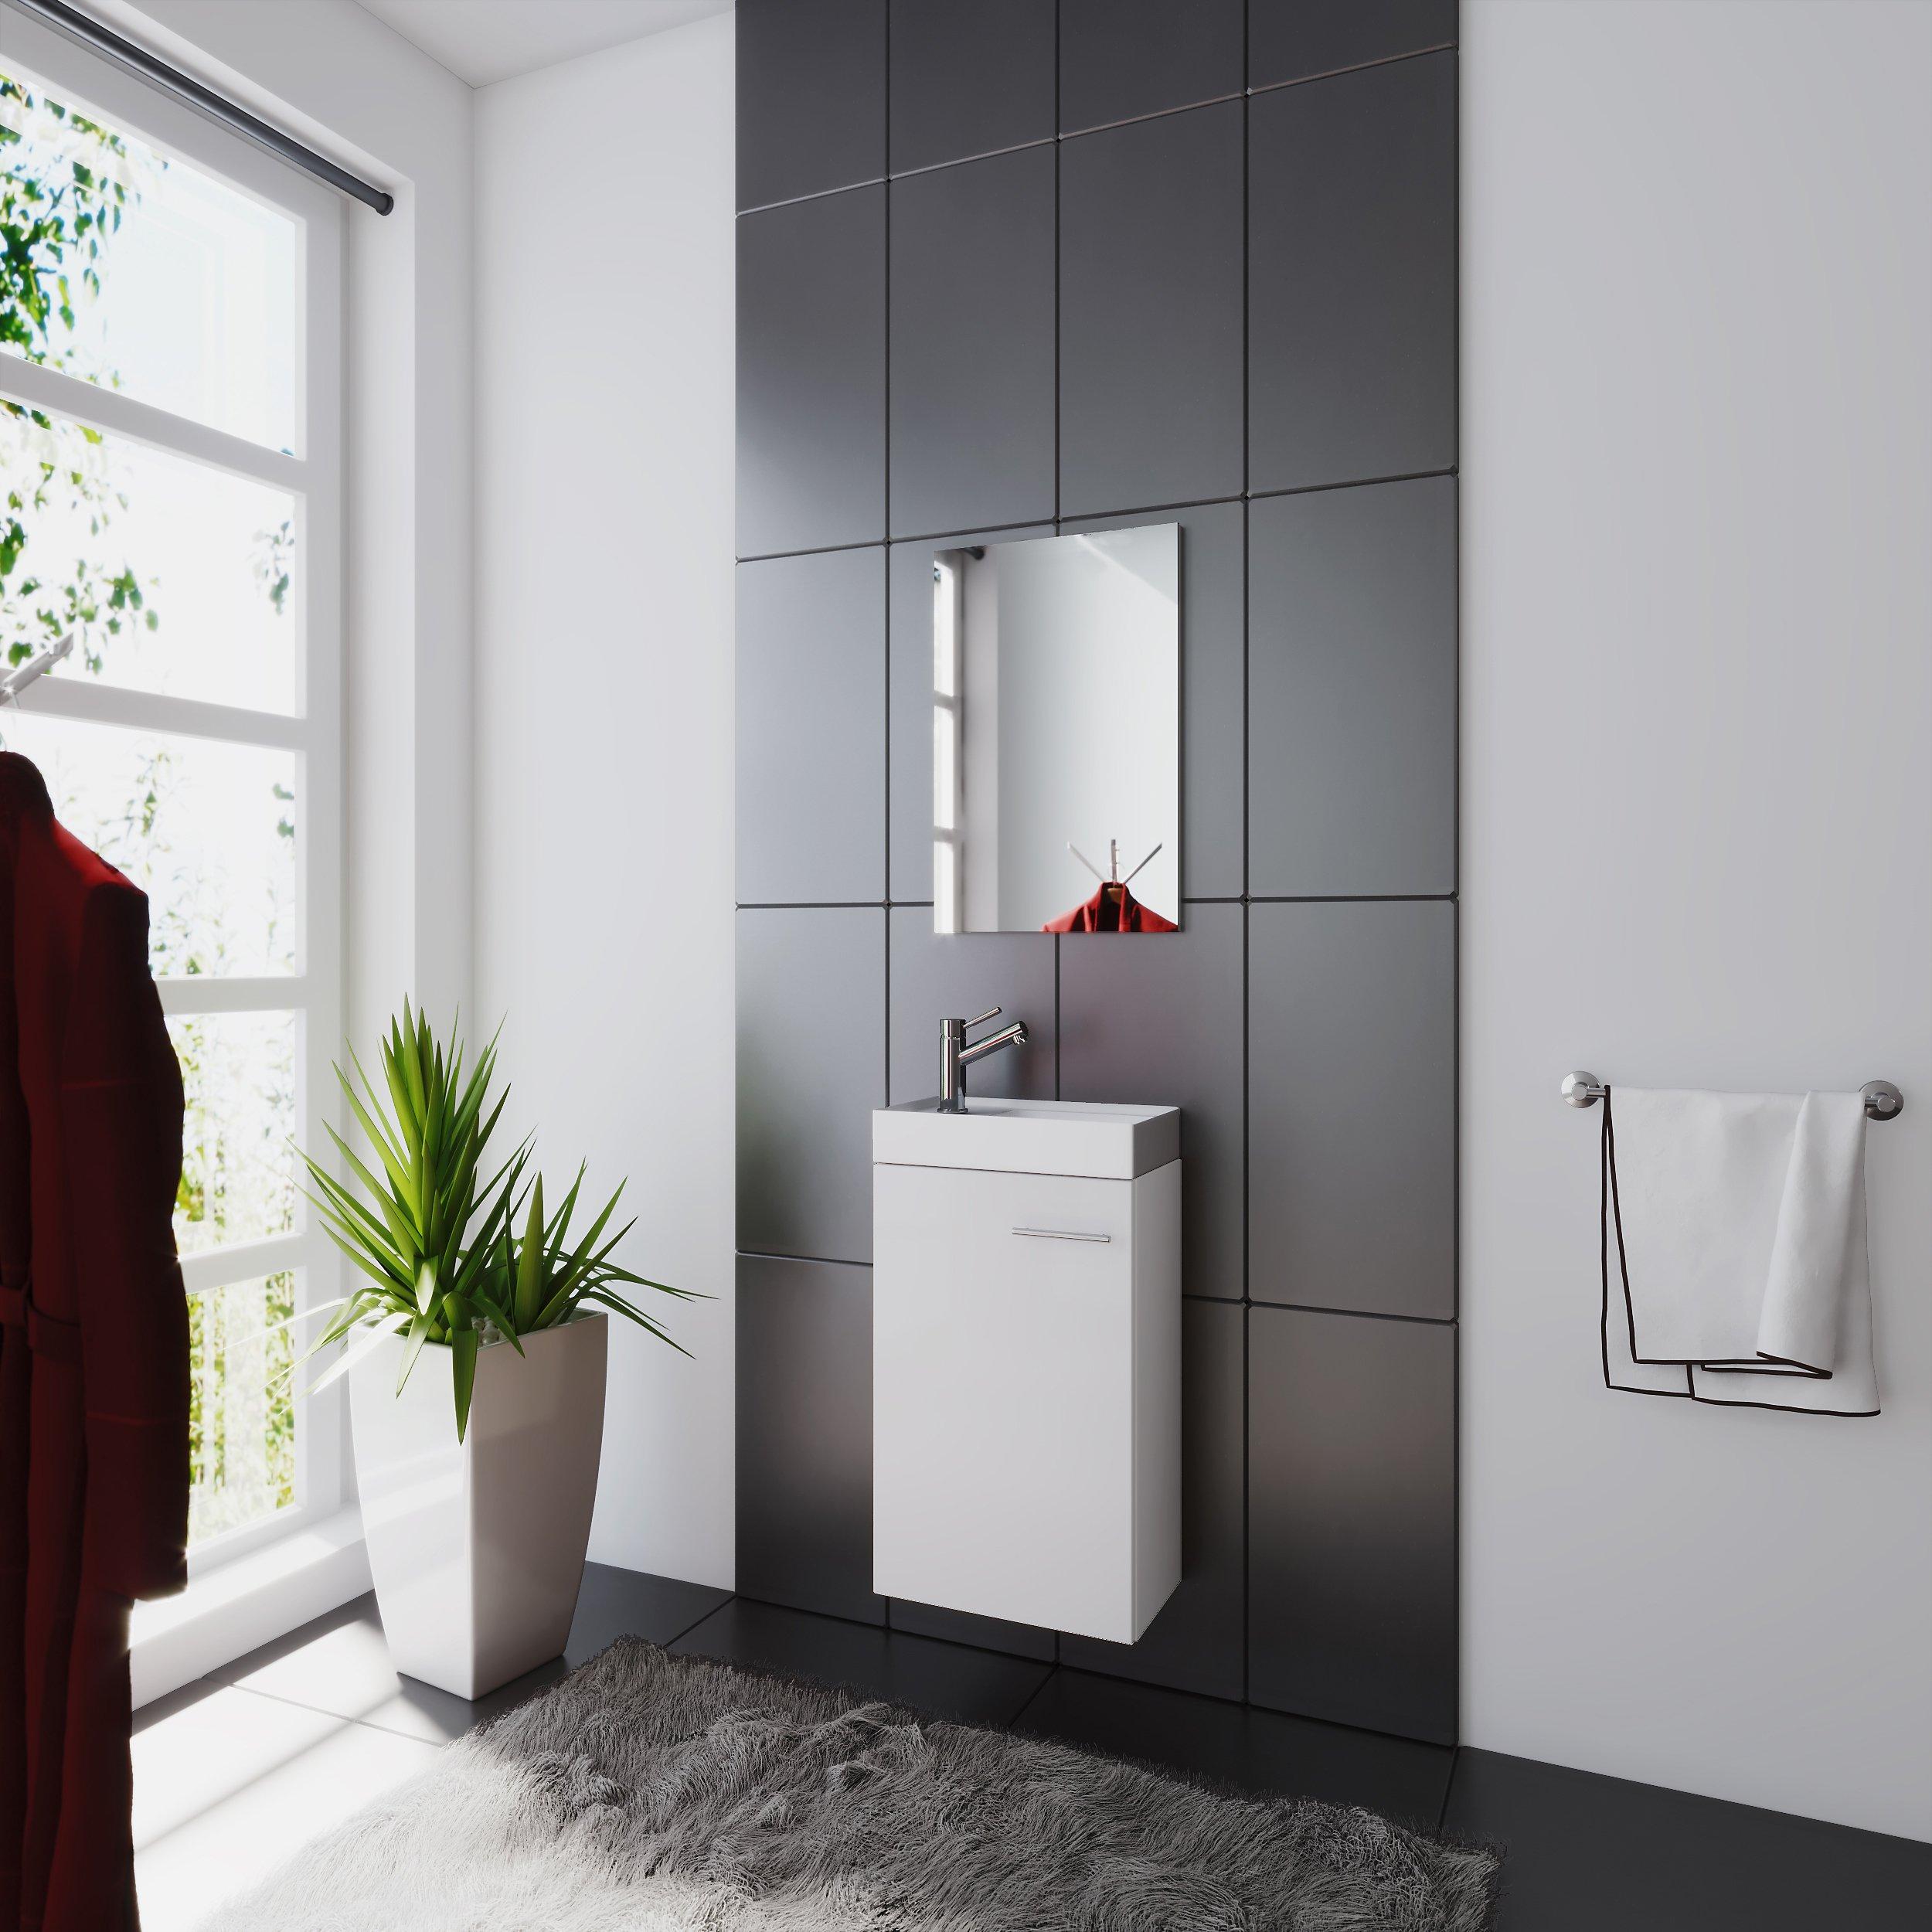 Vcm Waschplatz Waschbecken Schrank Spiegel Wc Gäste